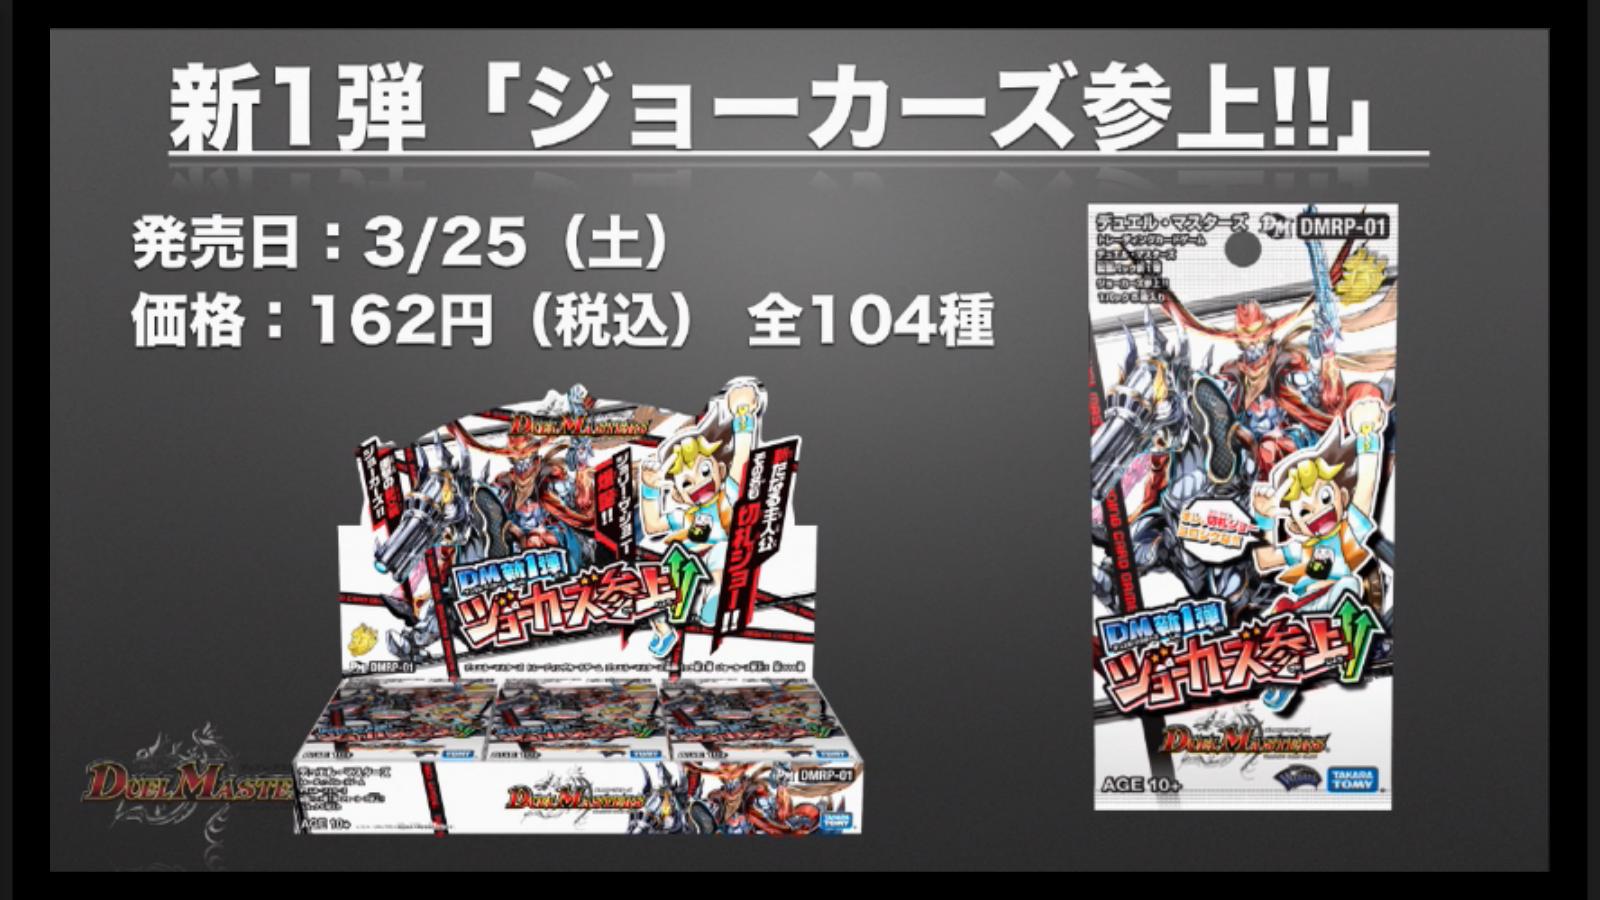 dm-kakumei-finalcup-news-170226-074.jpg